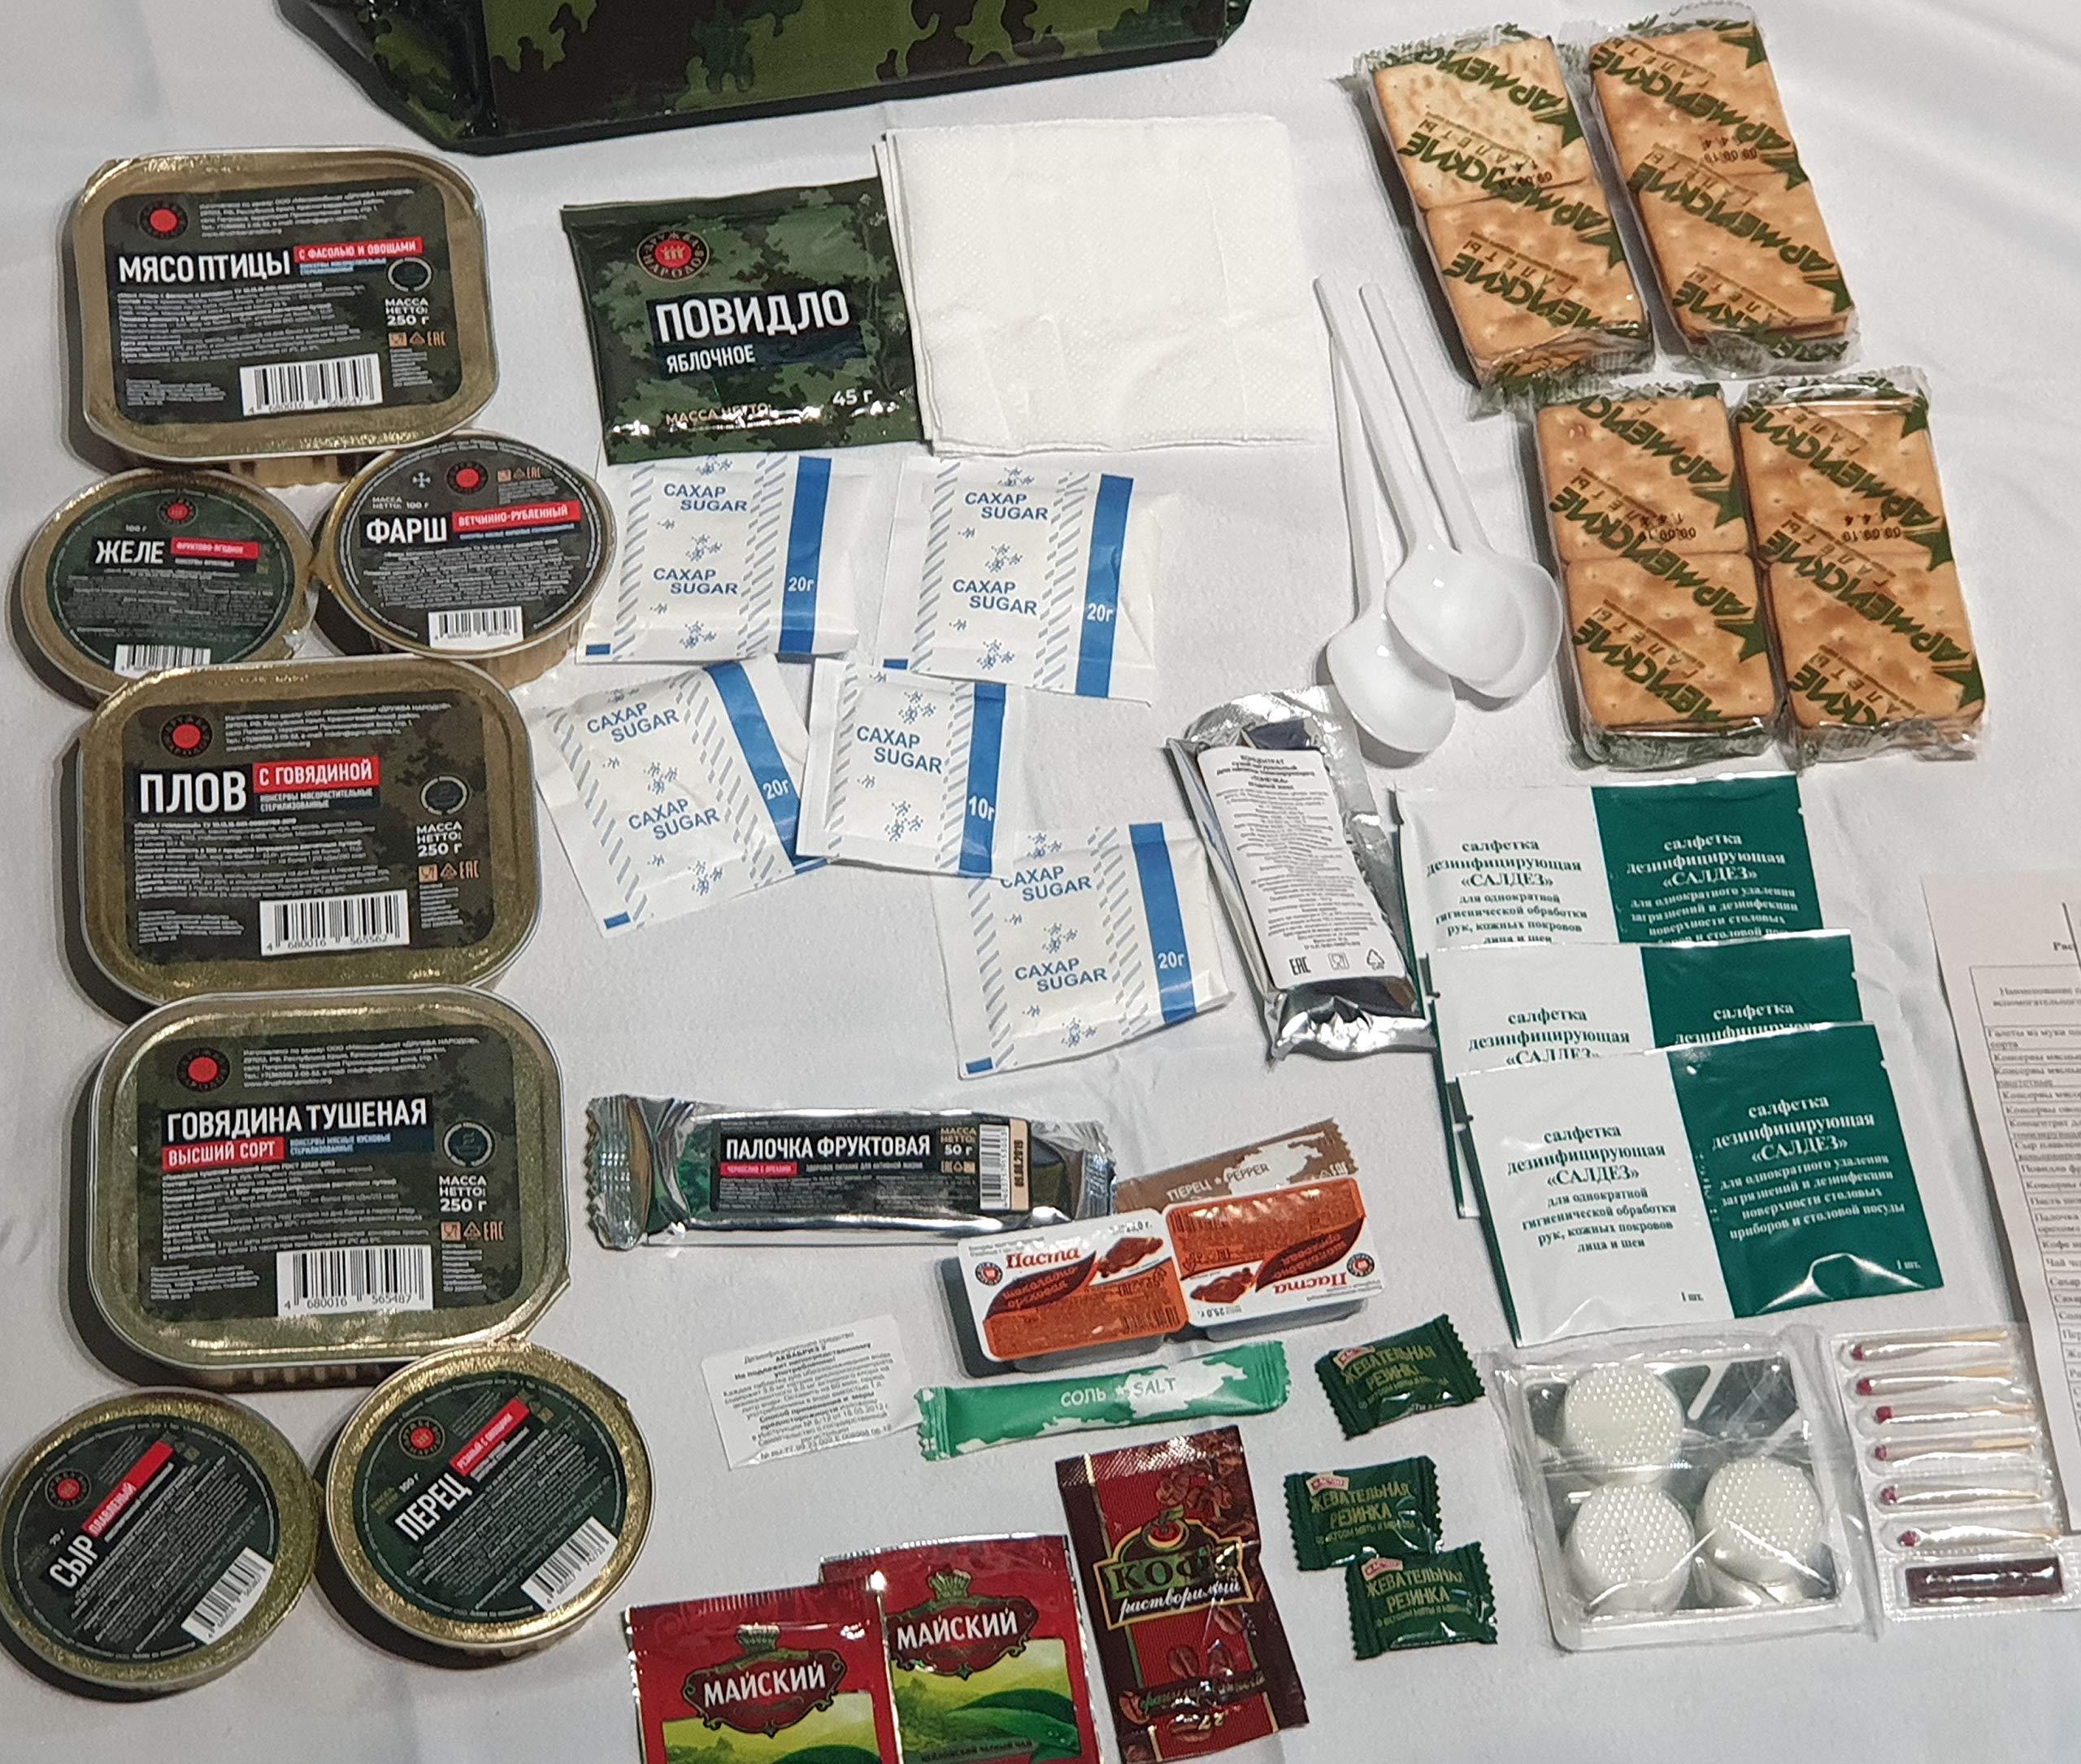 Military al ejército ruso alimentación individual de cada día ración MRE Daily Pack 3555 kcal, 1,75 kg: Amazon.es: Deportes y aire libre